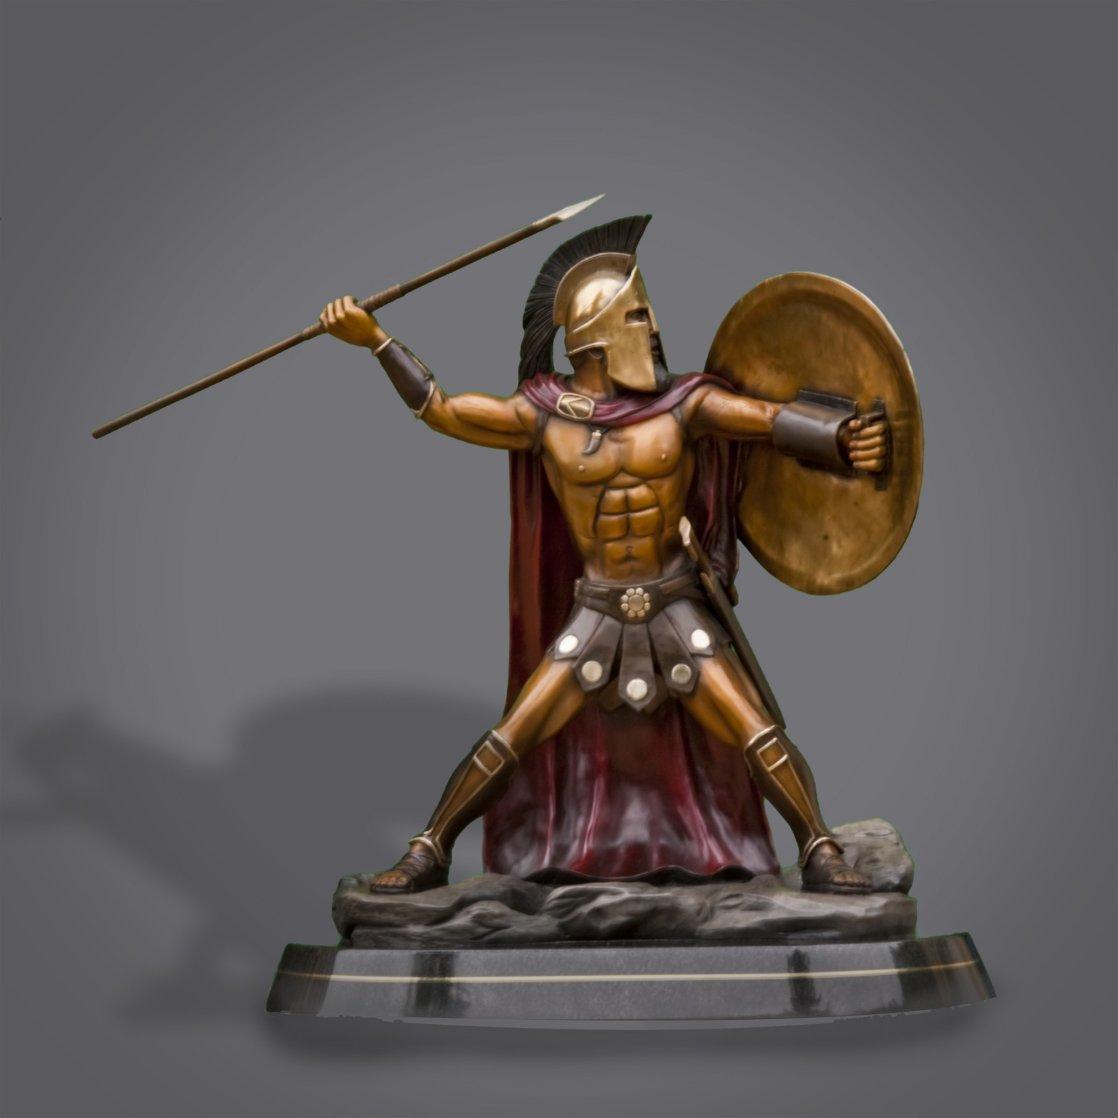 Bronze Spartan Warrior King Leonidas Prepare For Glory Sculpture 2016 26 in Sculpture by Barry Stein